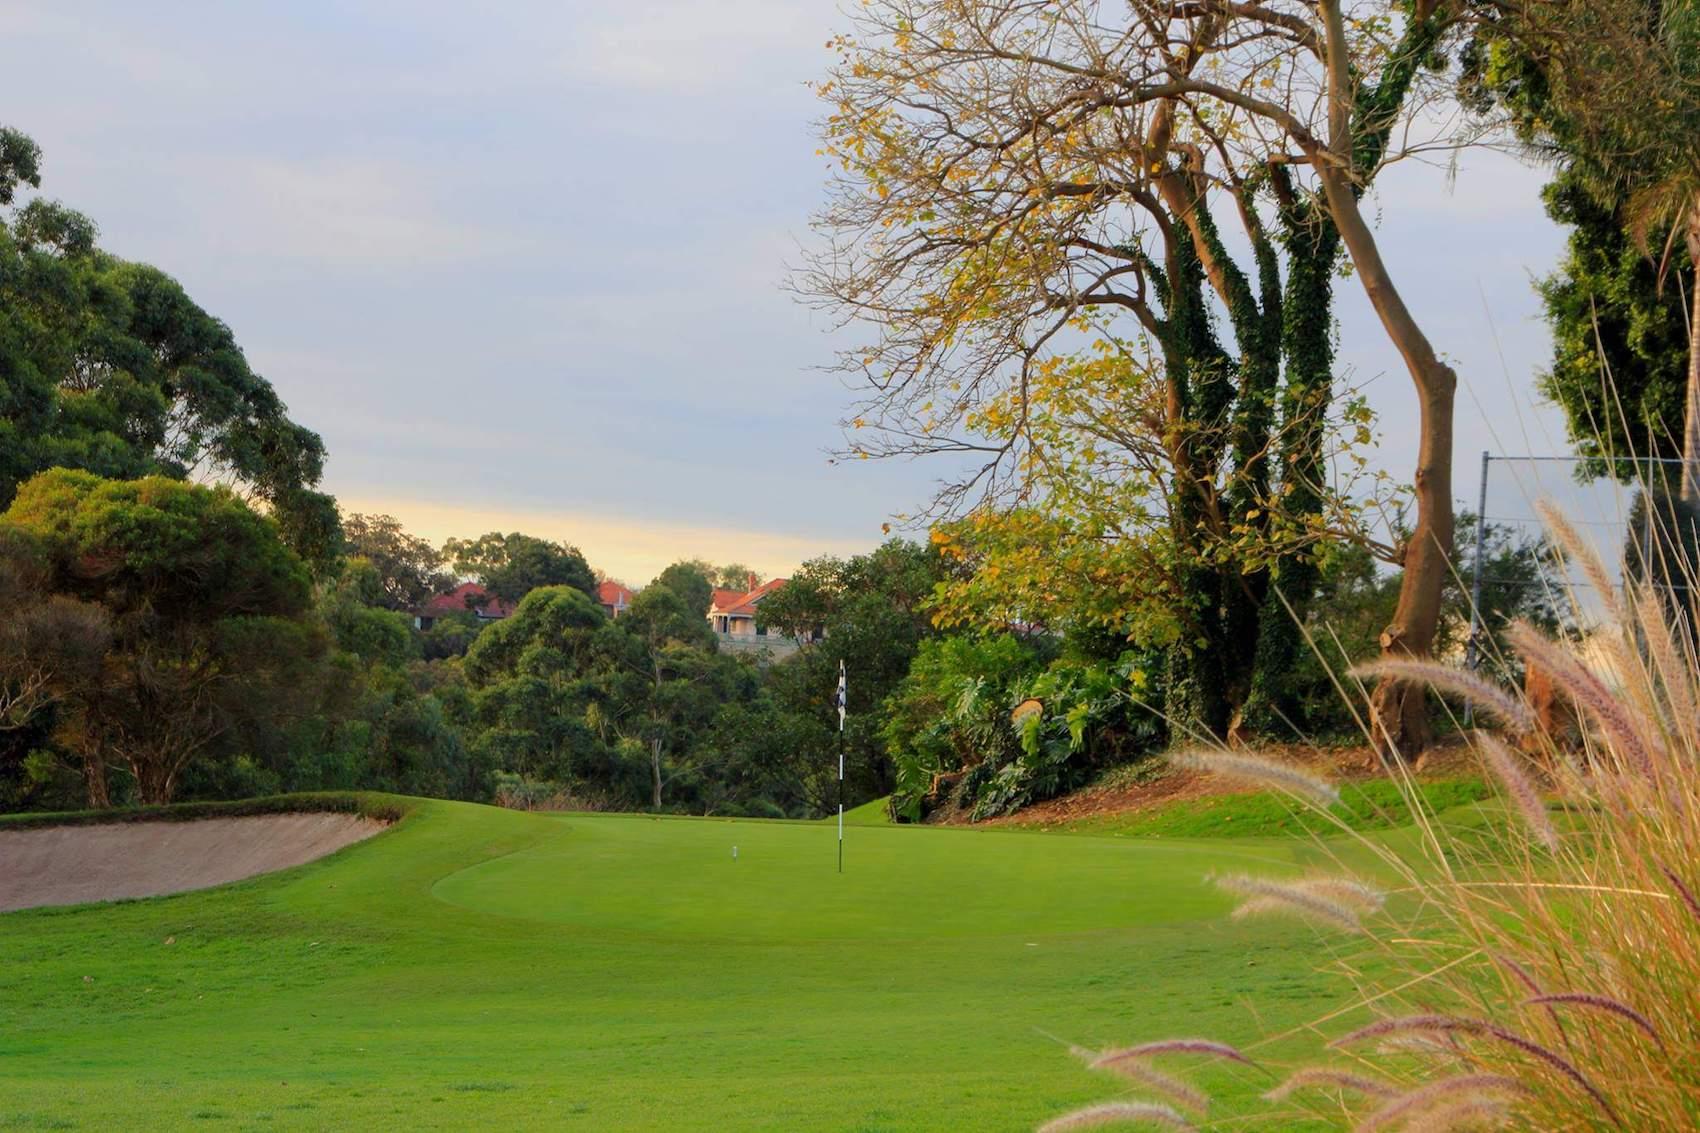 Cammeray Golf Club